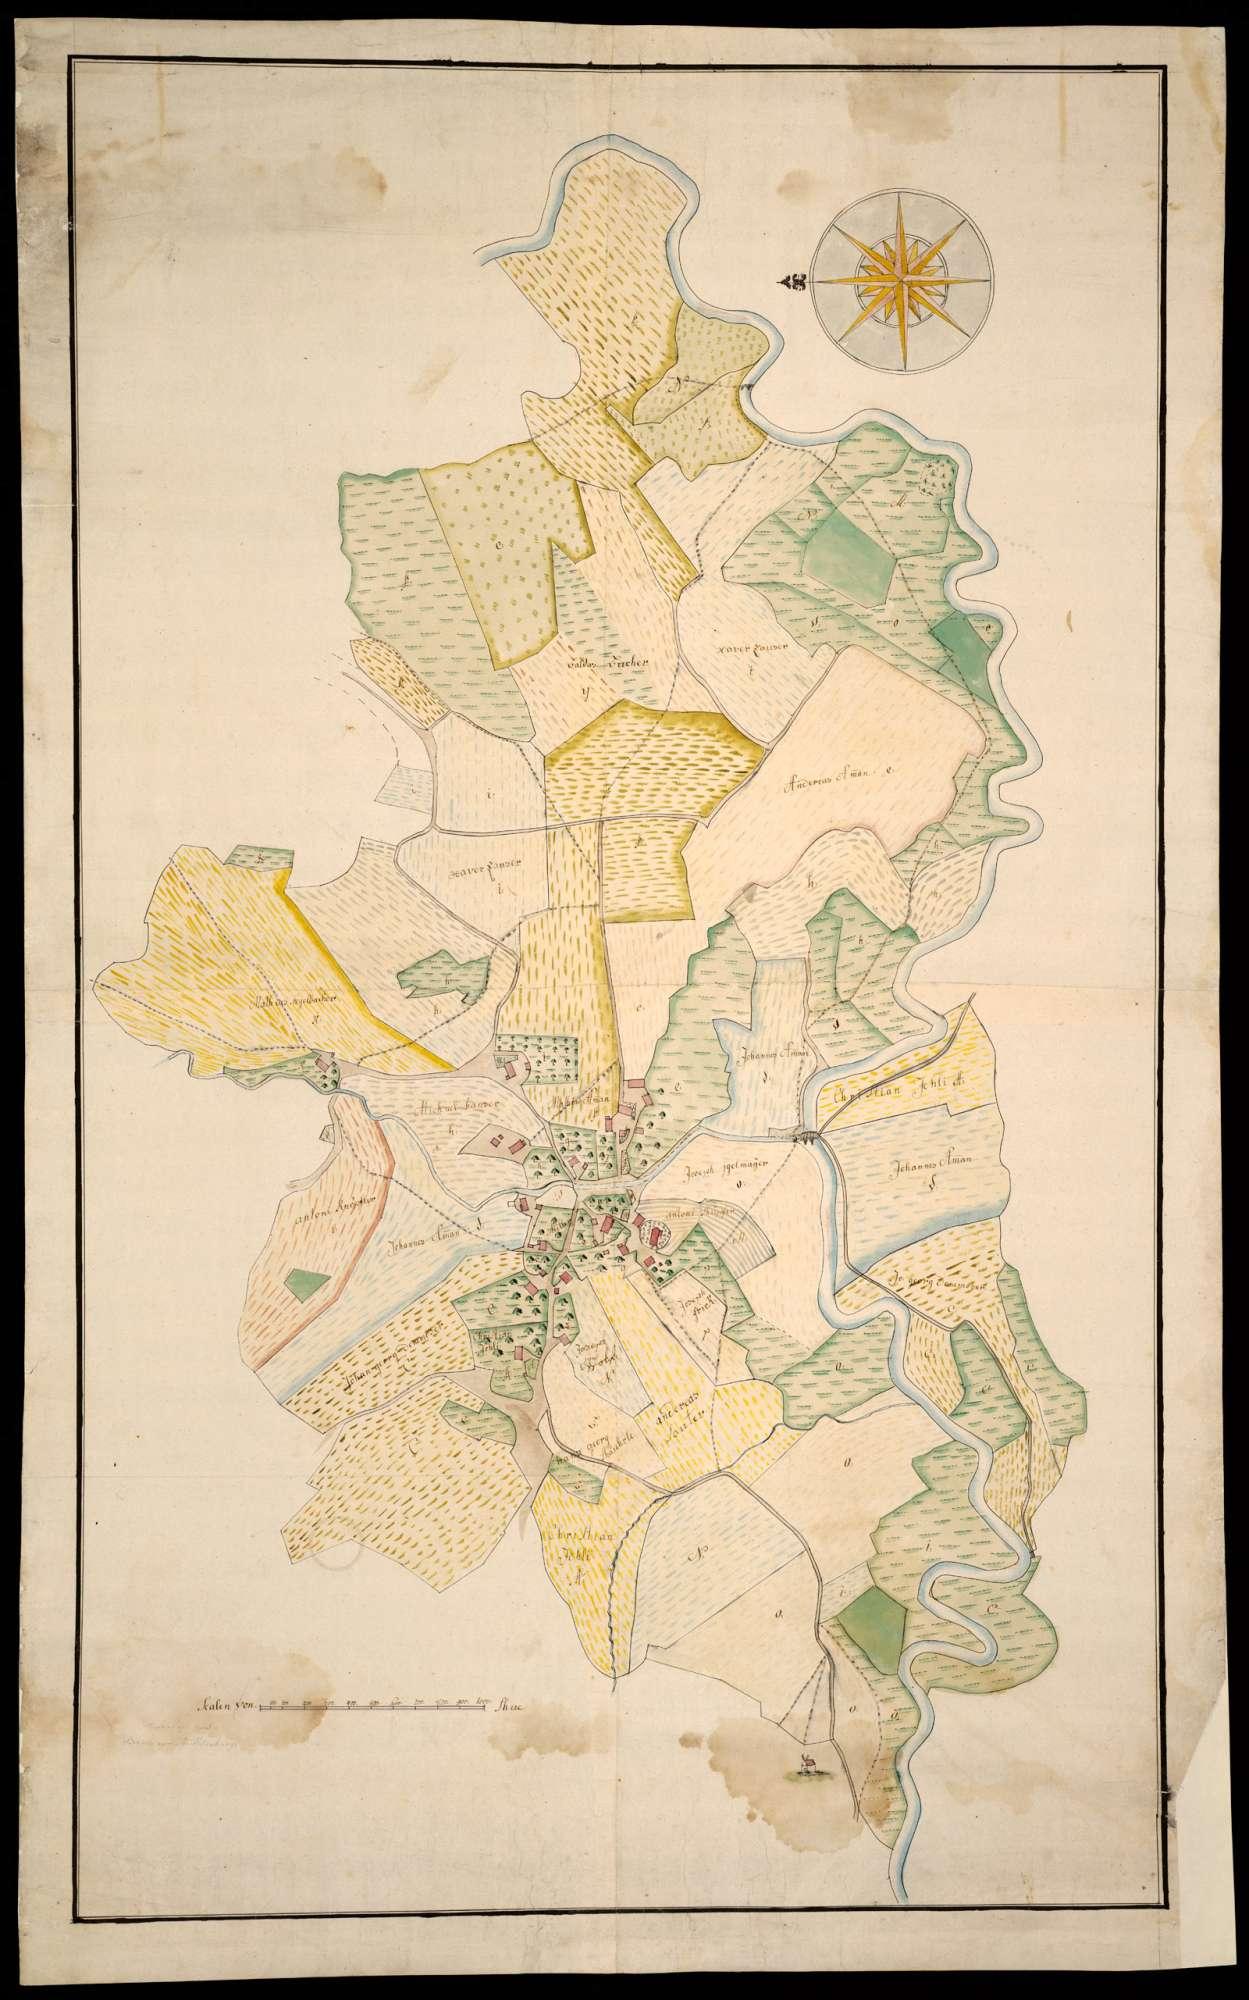 Oberzell: Taldorf, Stadt Ravensburg, Lkr. Ravensburg o. T. [Grundriss des Ortes Oberzell mit den dazugehörigen Grundstücken], Bild 2